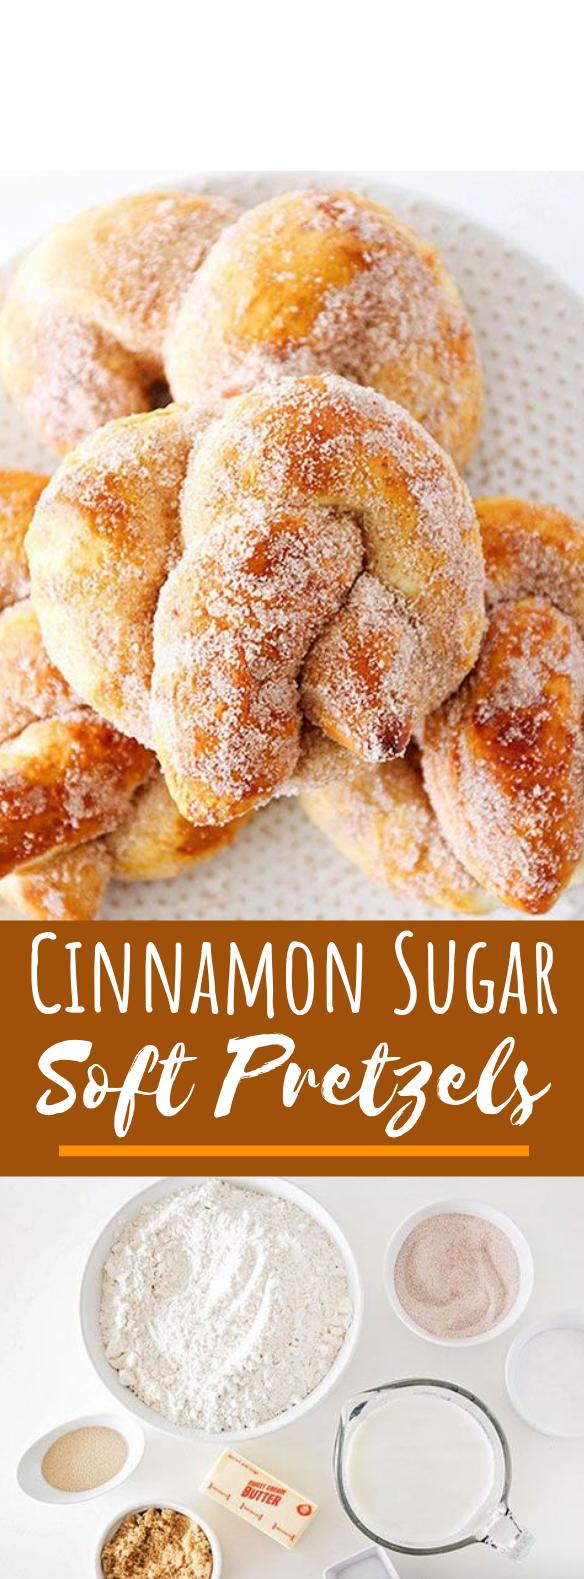 Cinnamon Sugar Soft Pretzels #desserts #recipes